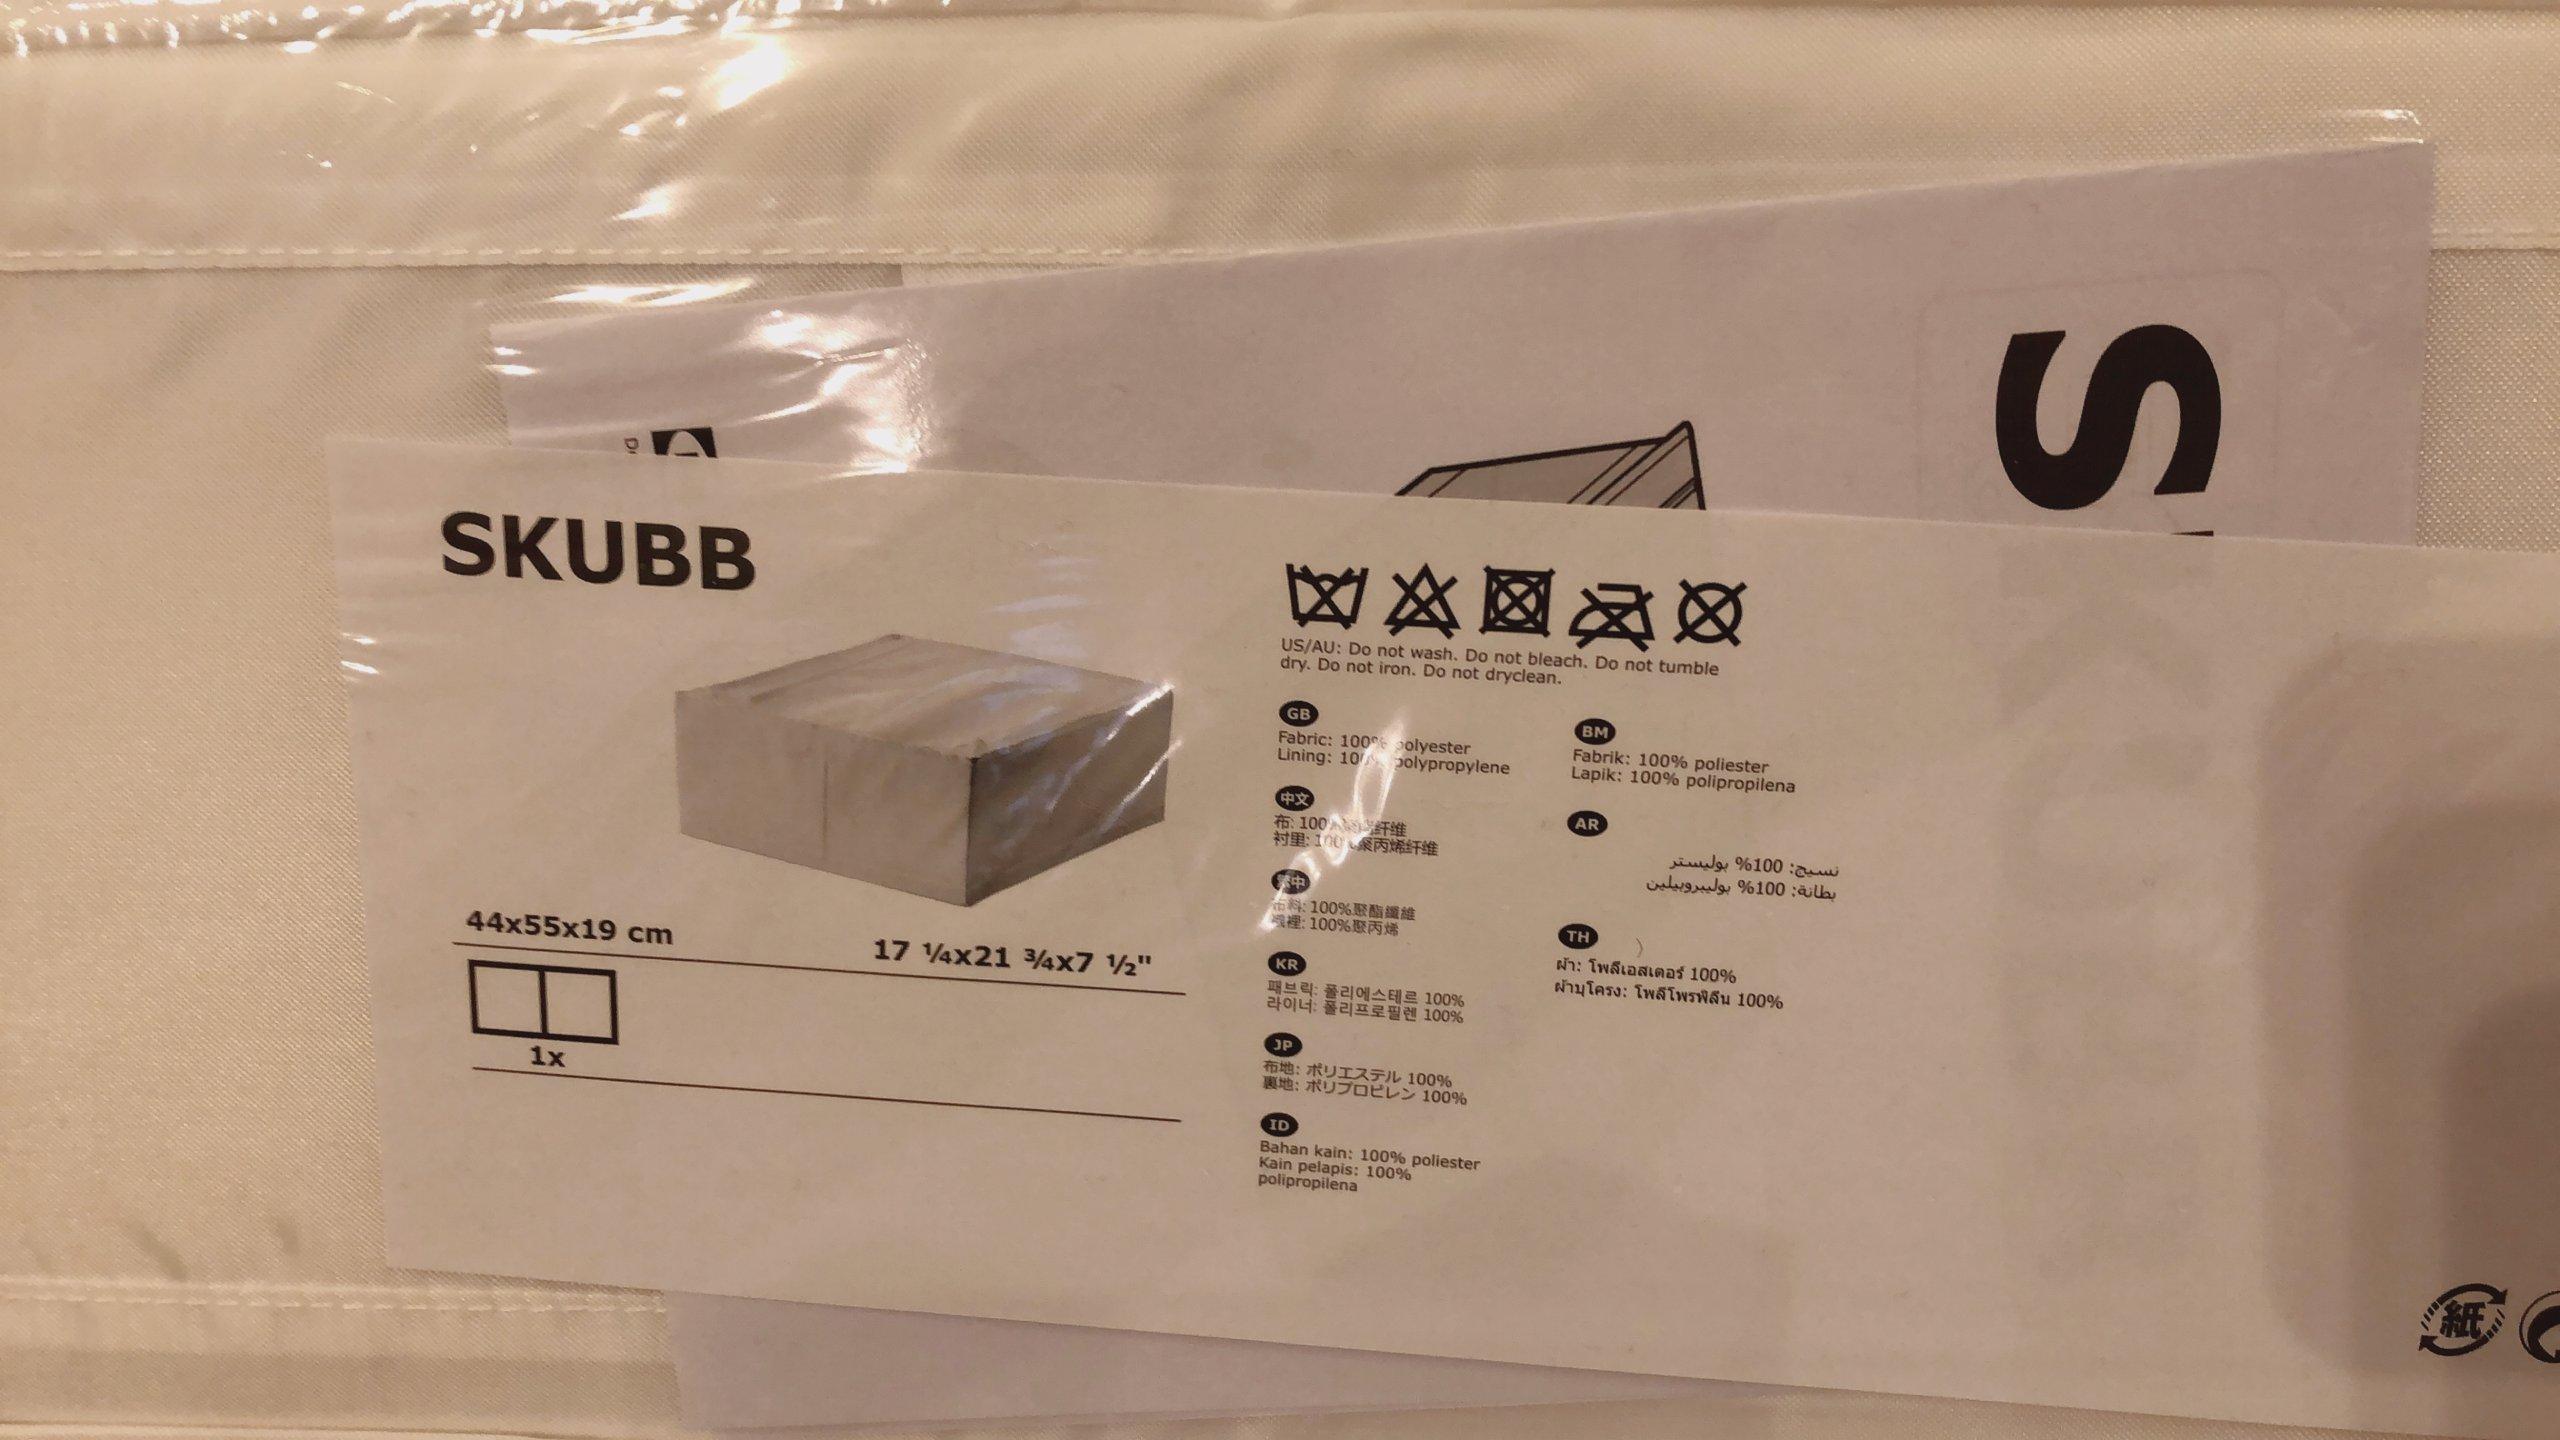 IKEAのスクッブ